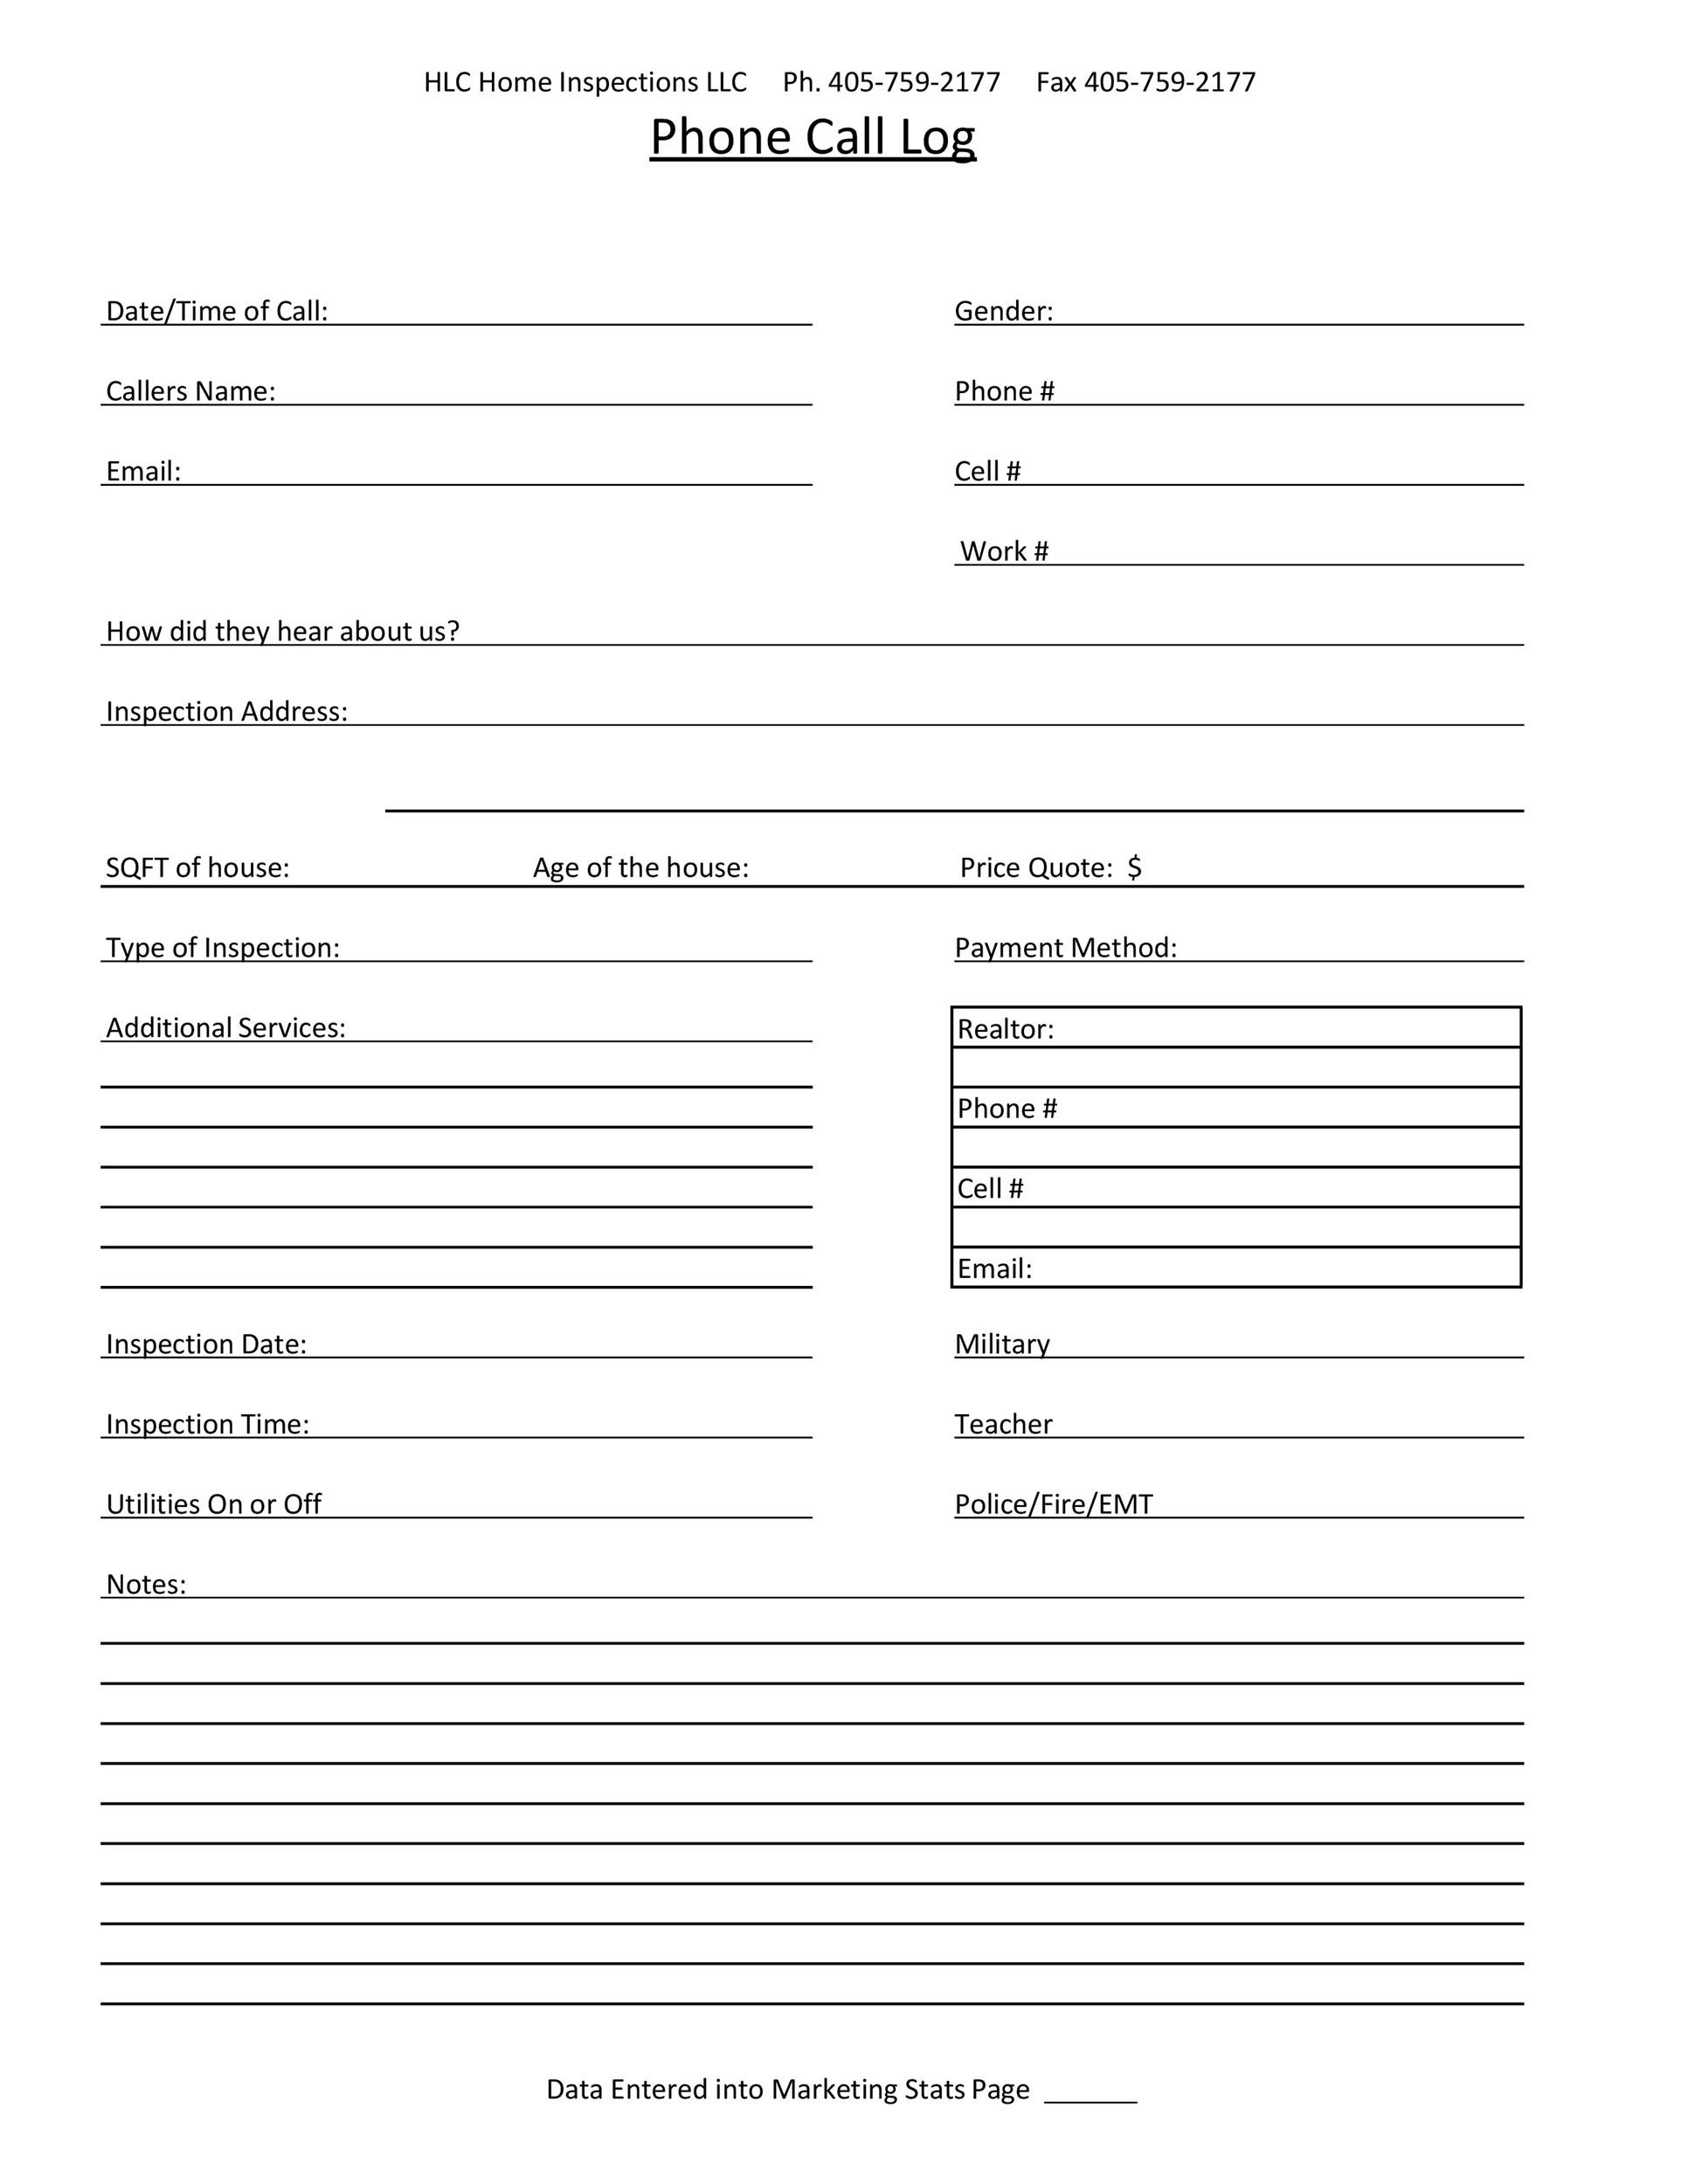 Free call log template 11